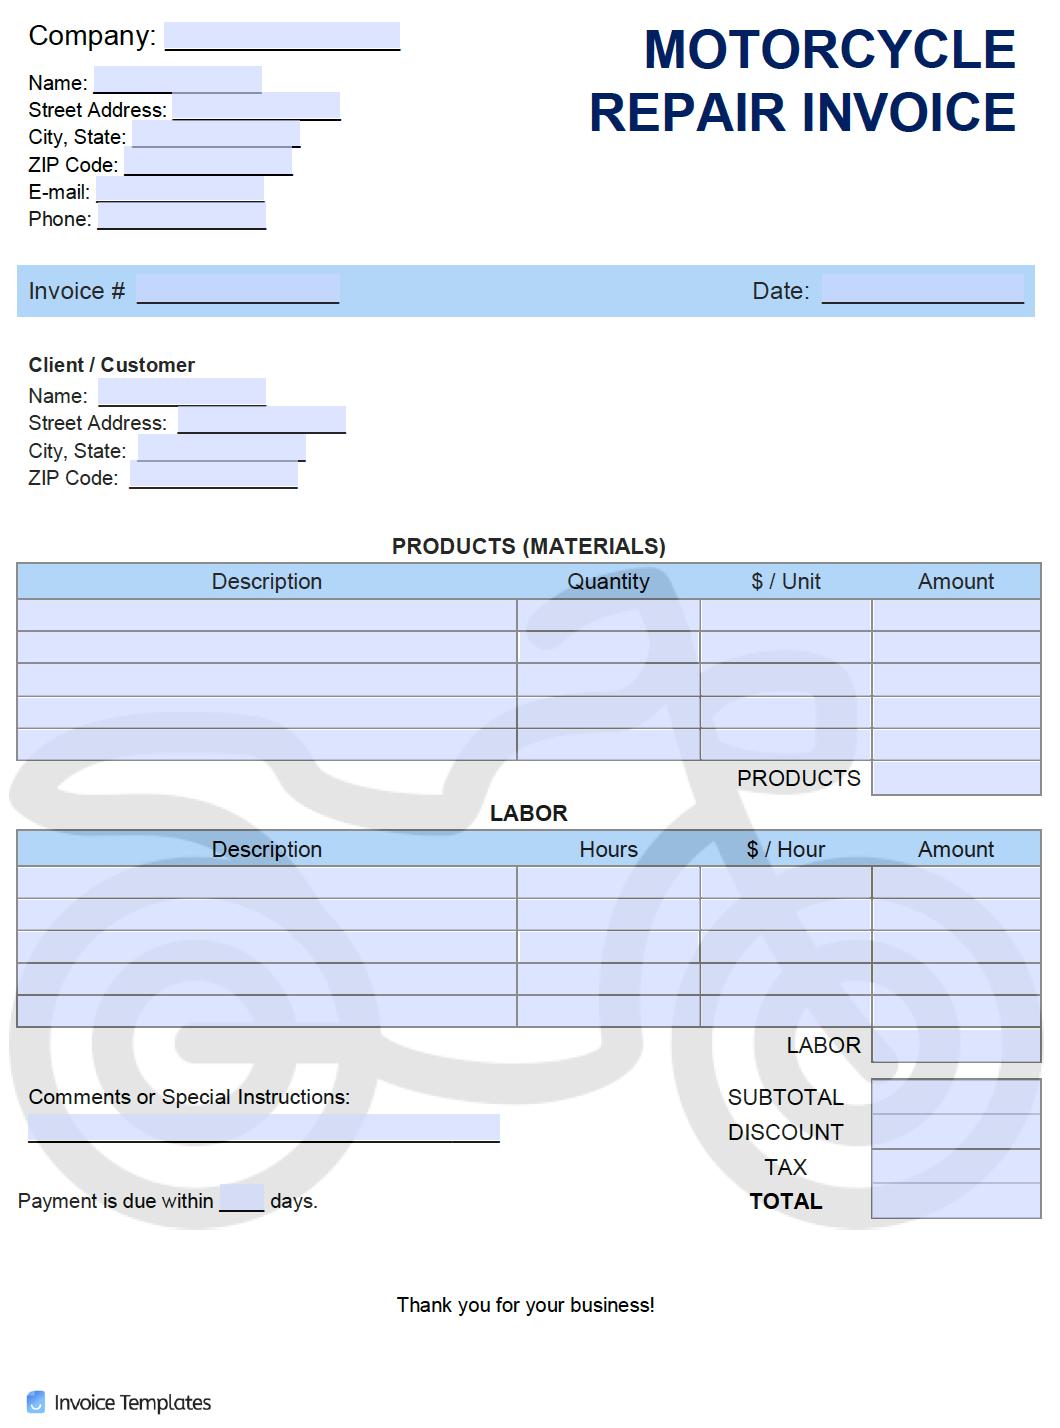 Free Motorcycle Repair Invoice Template Pdf Word Excel